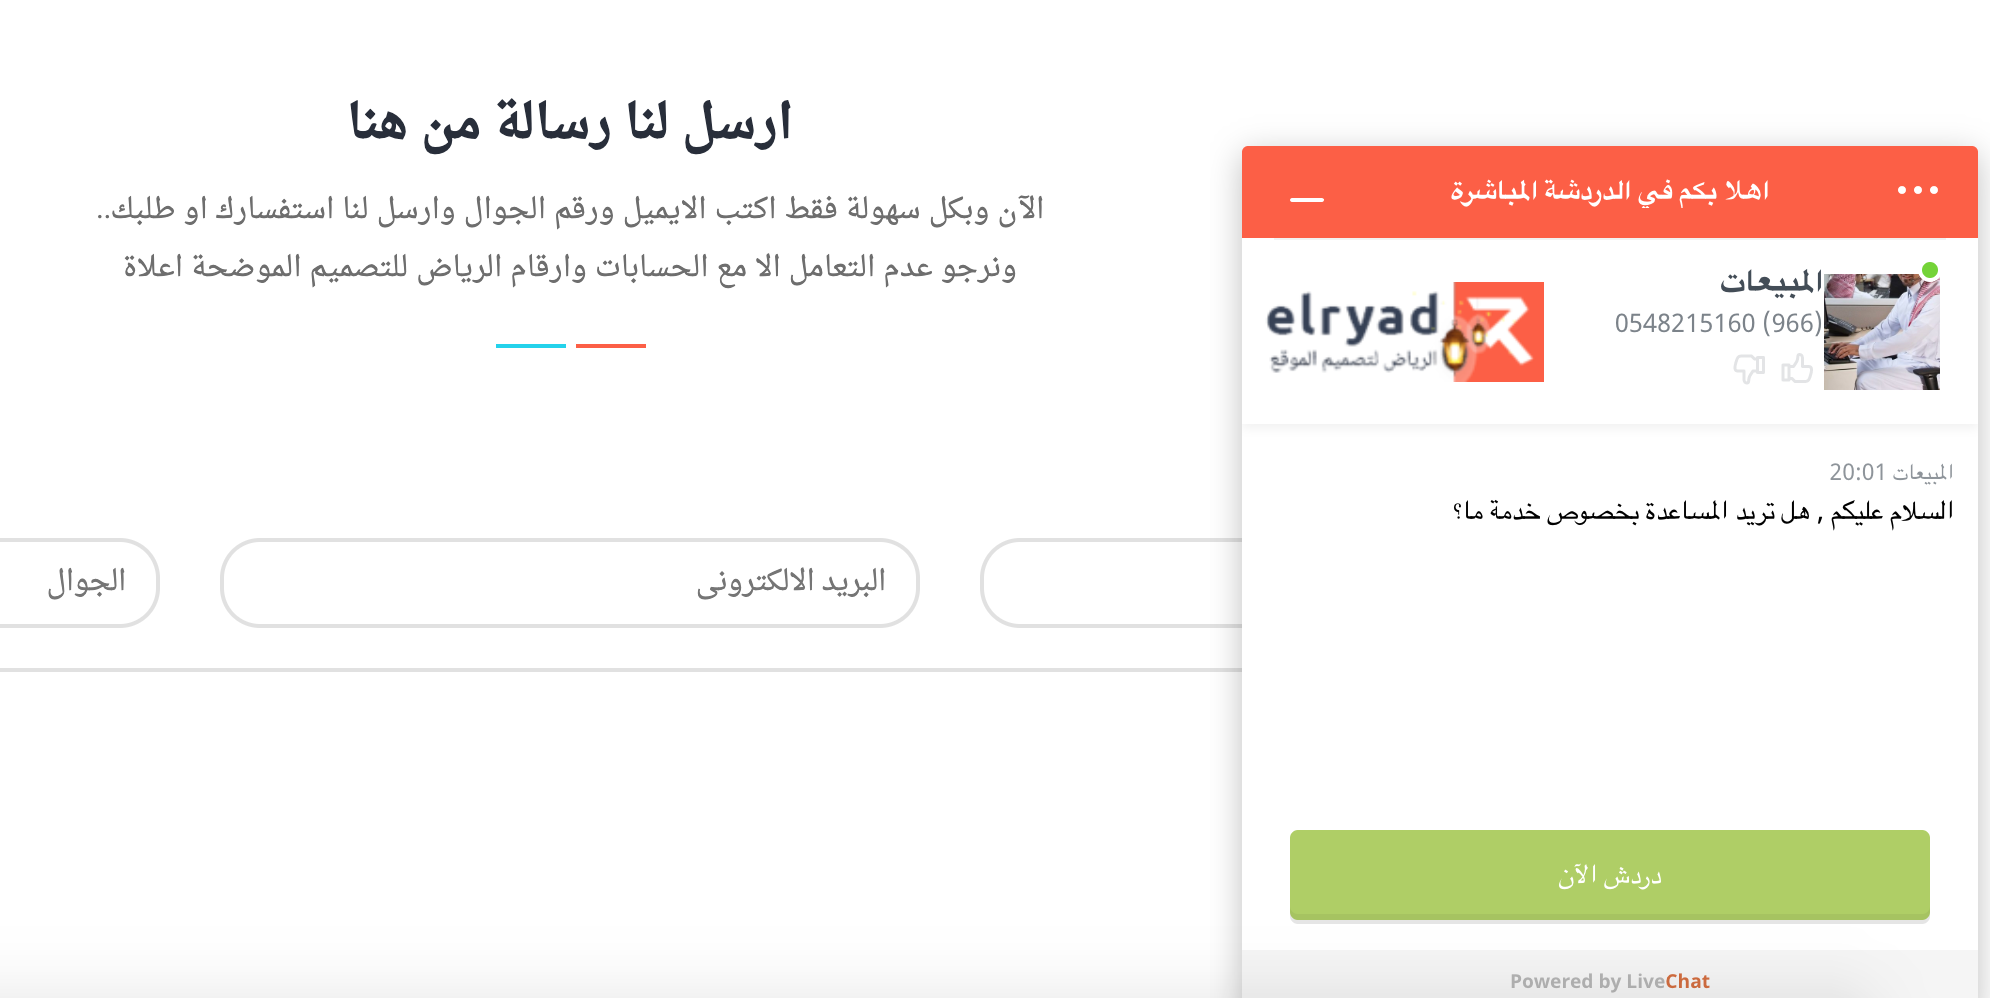 تطبيق الشات بوت في موقع الرياض لتصميم المواقع